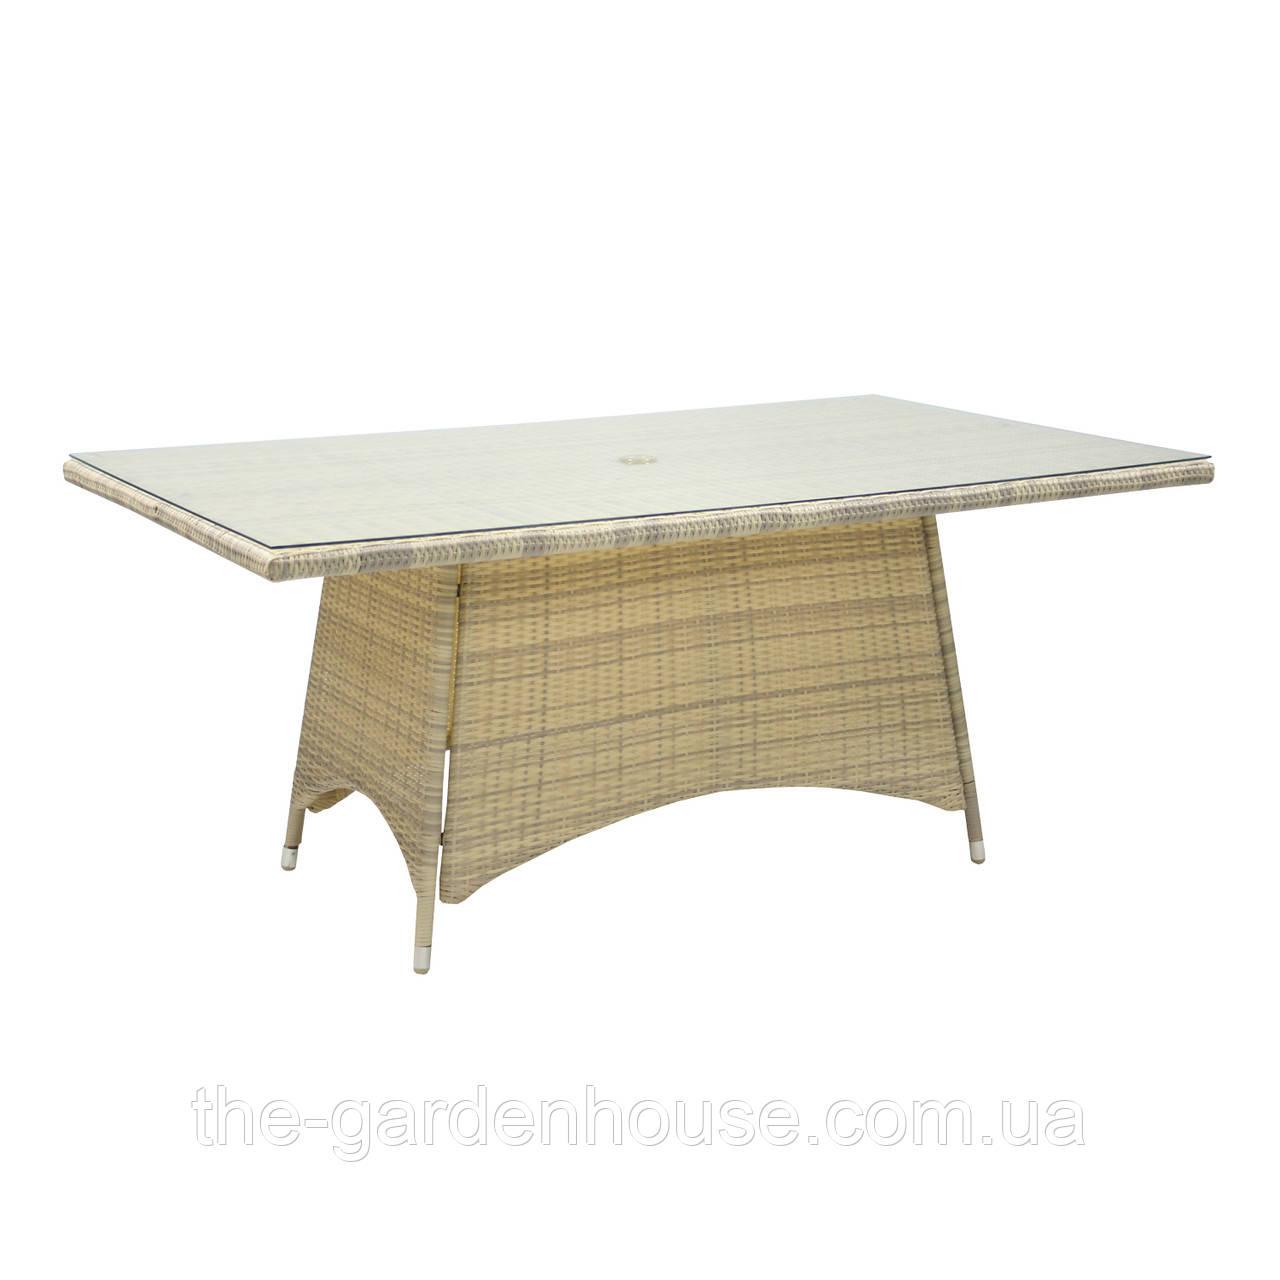 Садовый стол из искусственного ротанга Викер 170х100 см светло-бежевый